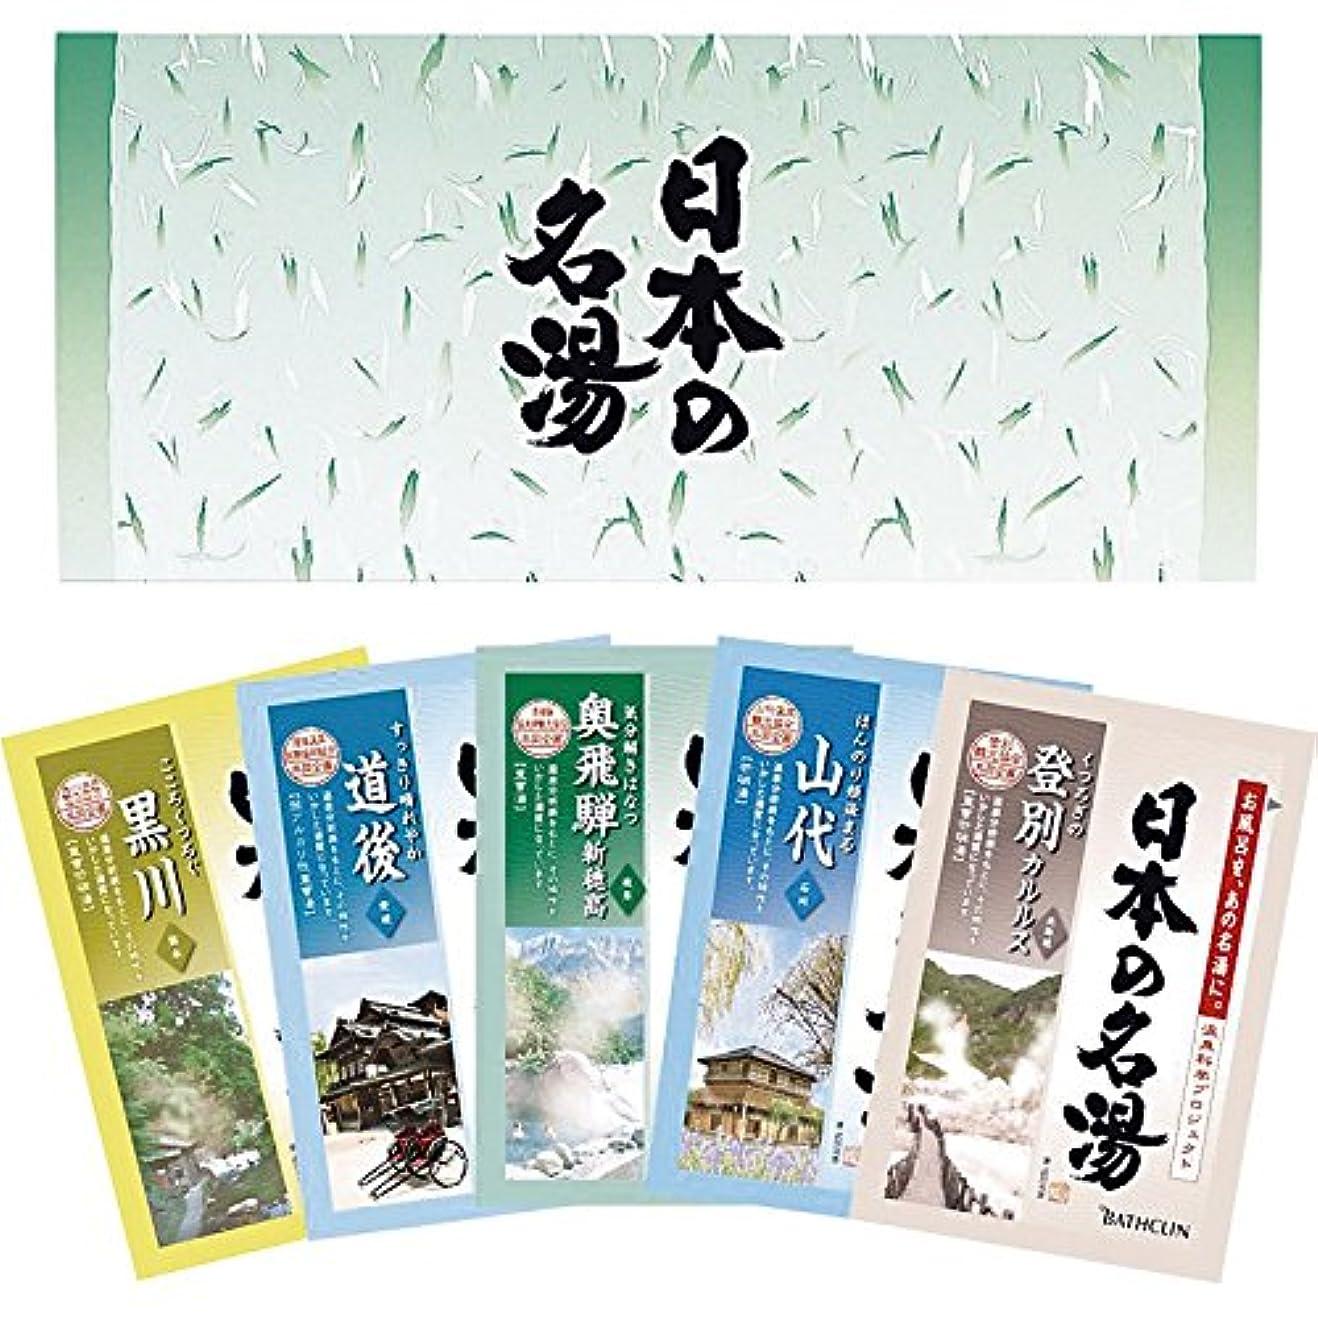 軽蔑する矢印用心バスクリン 日本の名湯 5包セット OT-3D 【洗面所 入浴剤 温泉 薬用 5袋 リラックス おふろ バスグッズ】